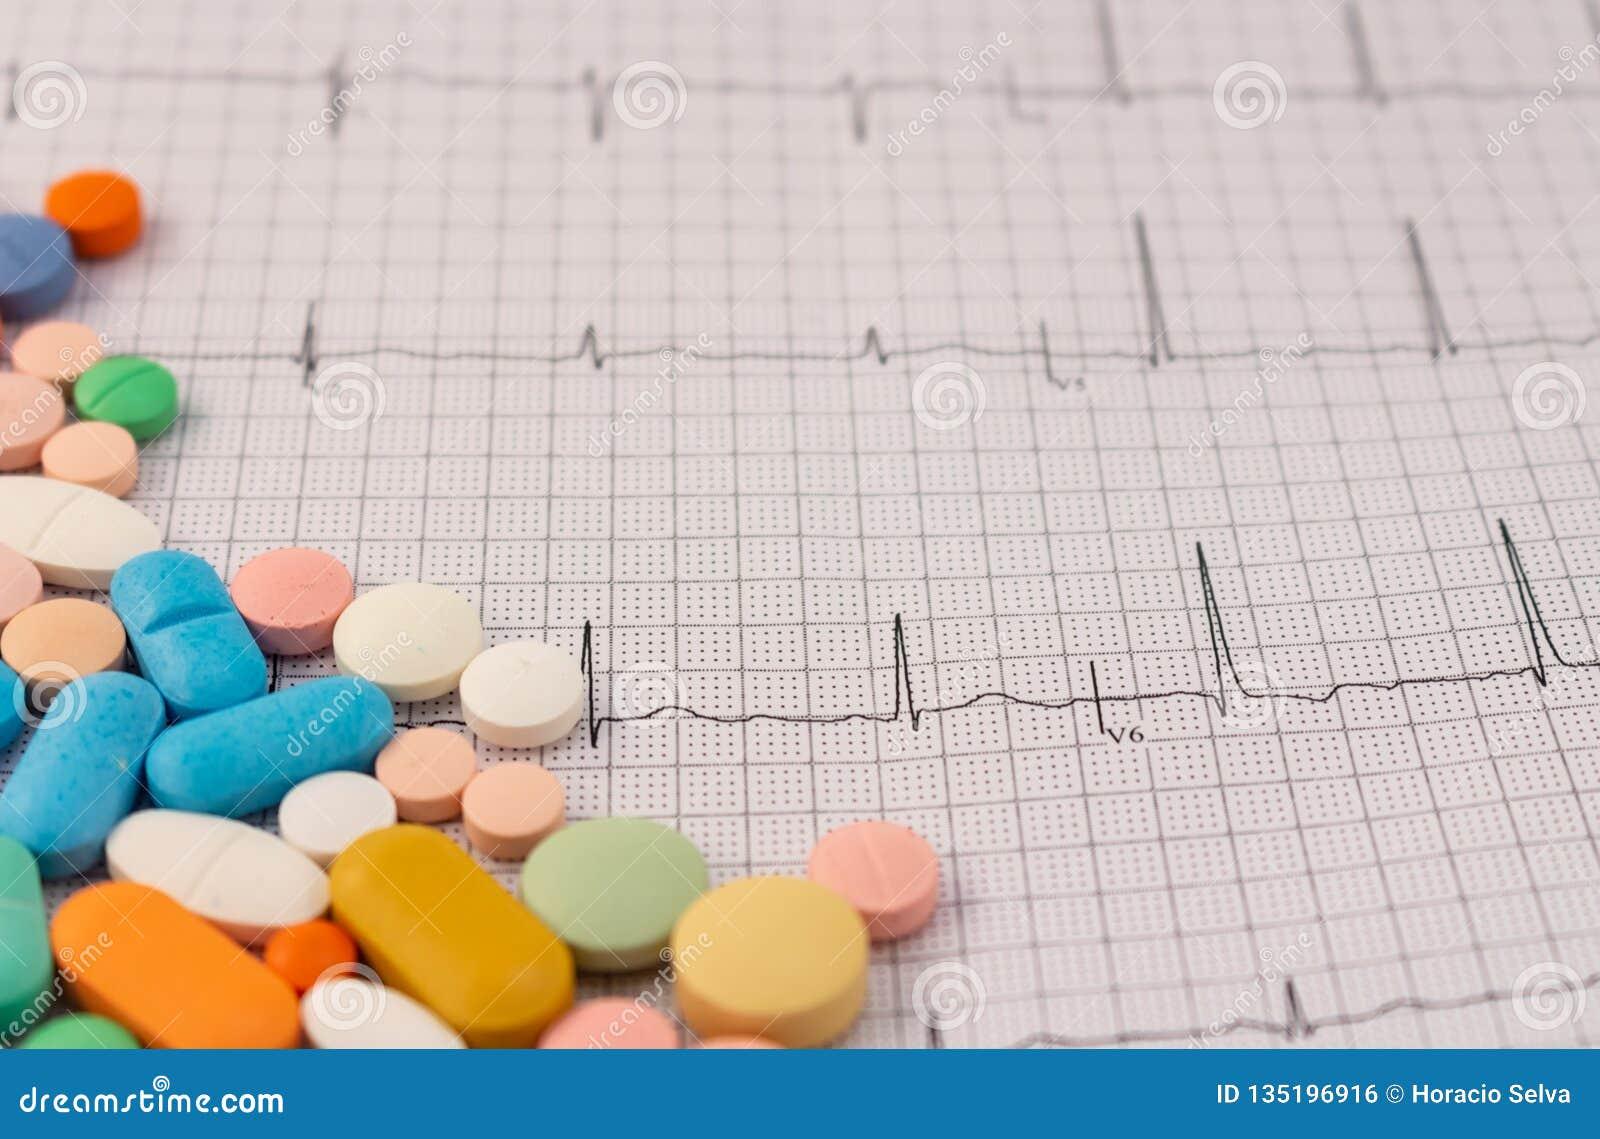 不同的大小和颜色药片在心电图